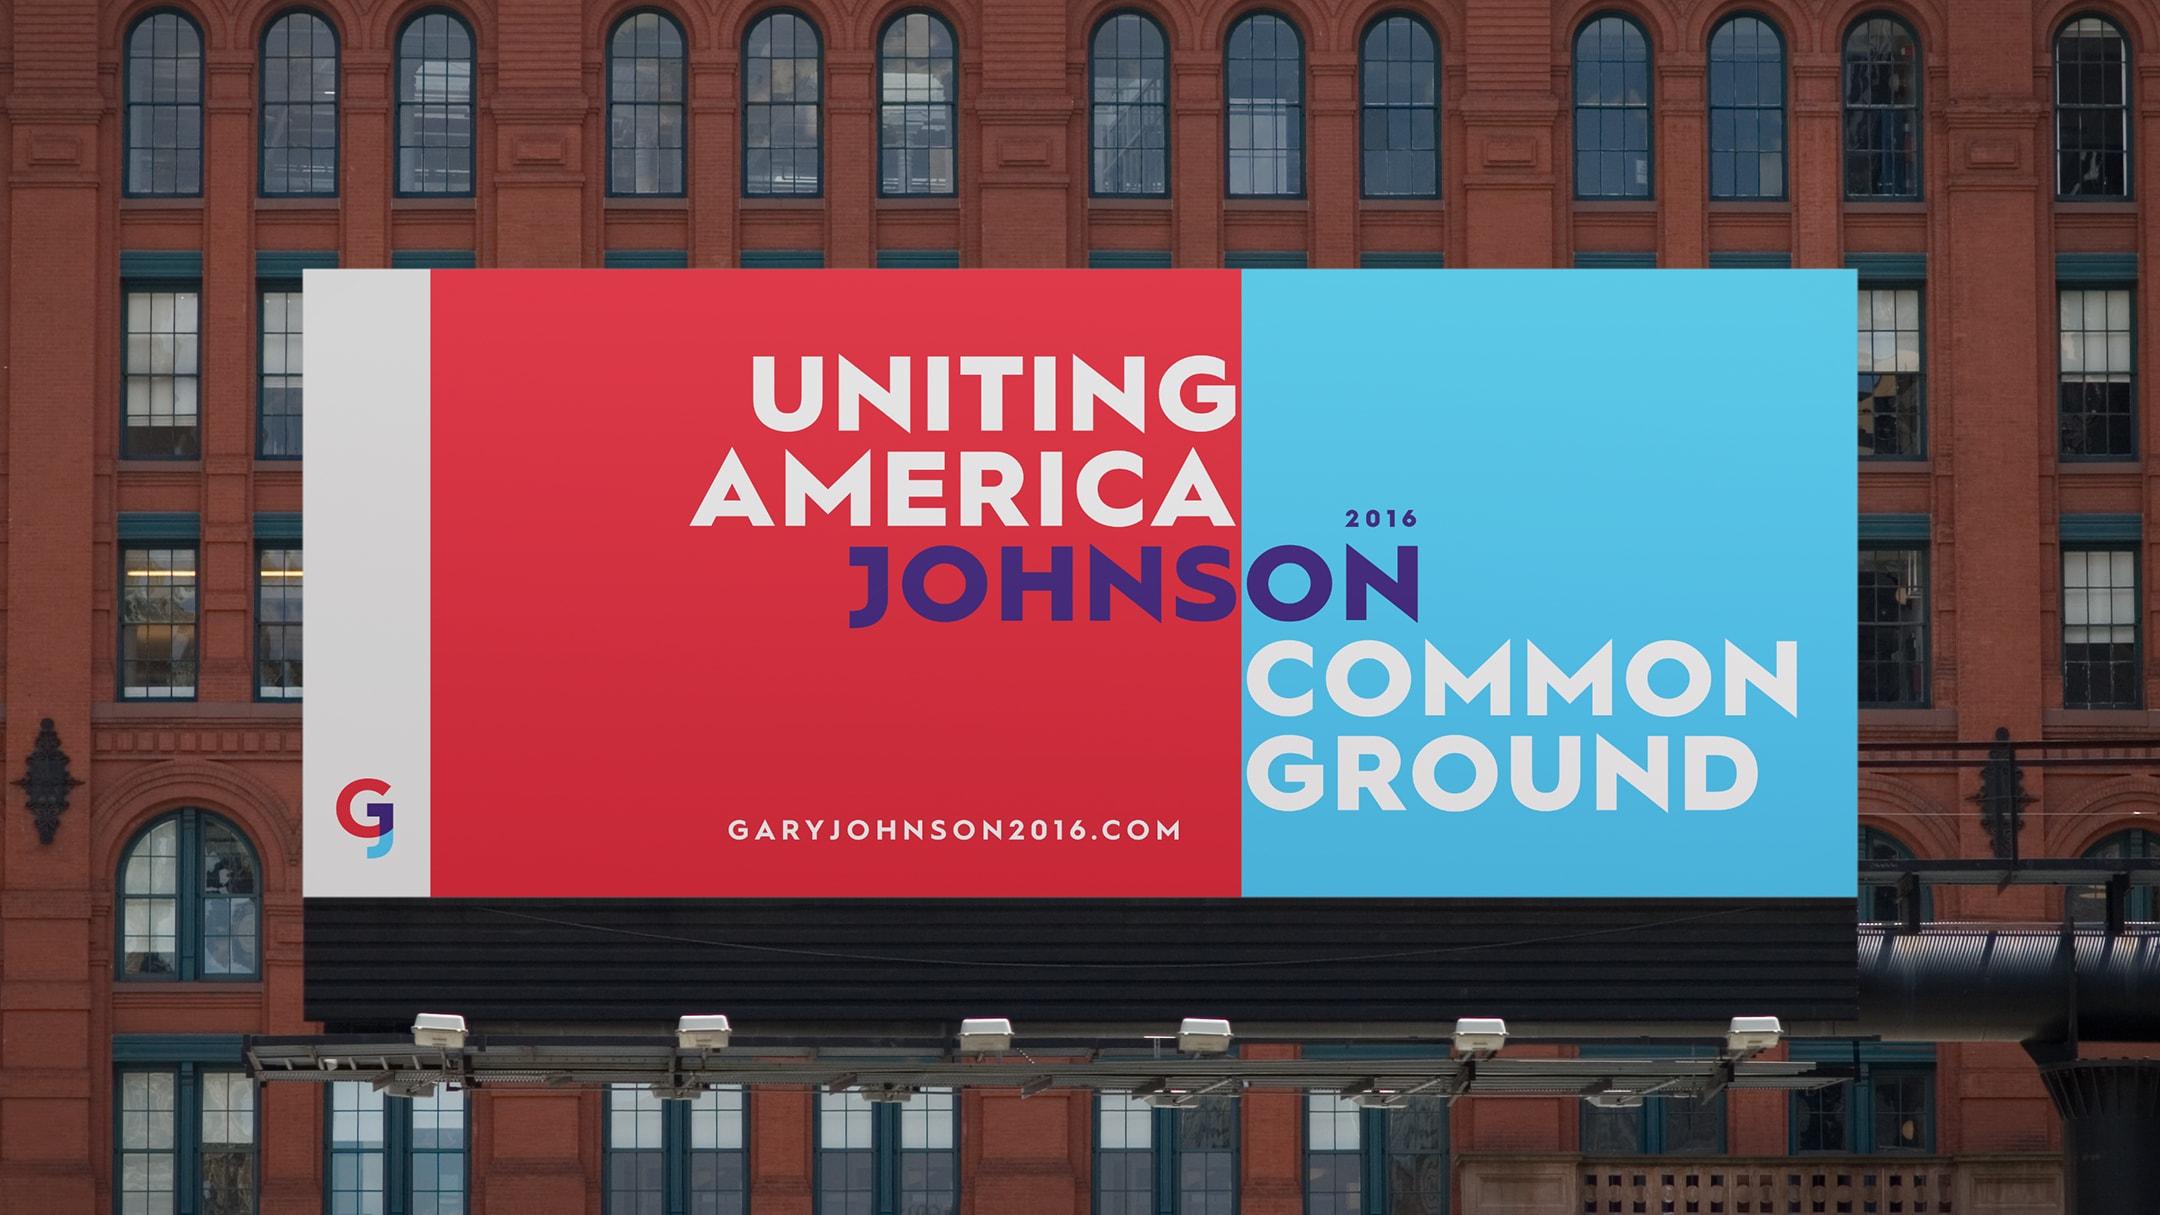 Gary Johnson spec campaign billboard in city